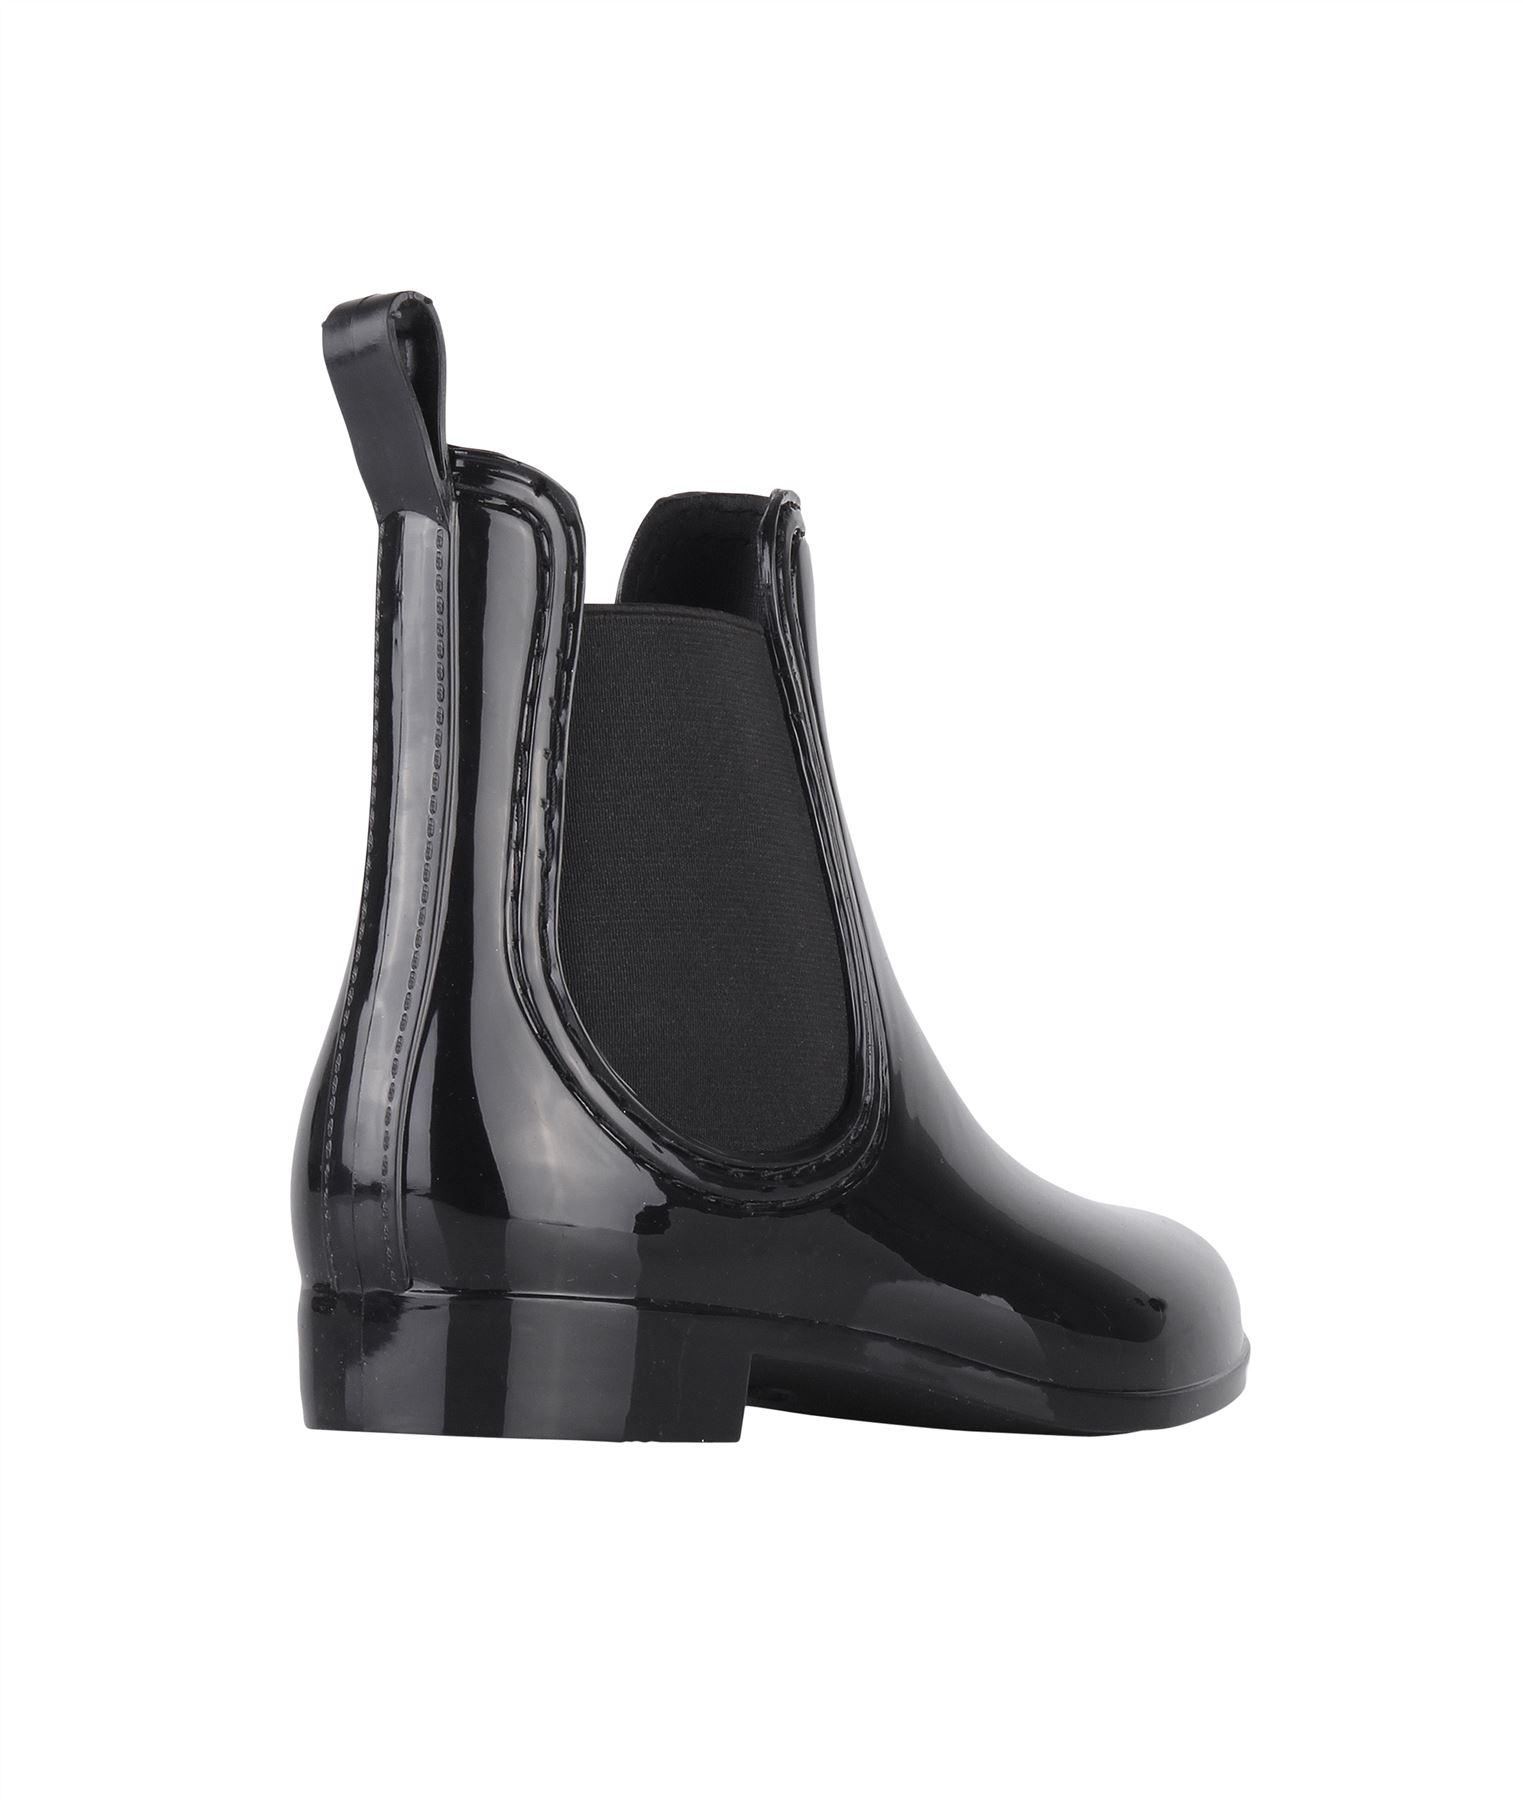 Botas-Agua-Mujer-Barata-Original-Botines-Moda-Comodas-Calzado-Elastico-Juveniles miniatura 36